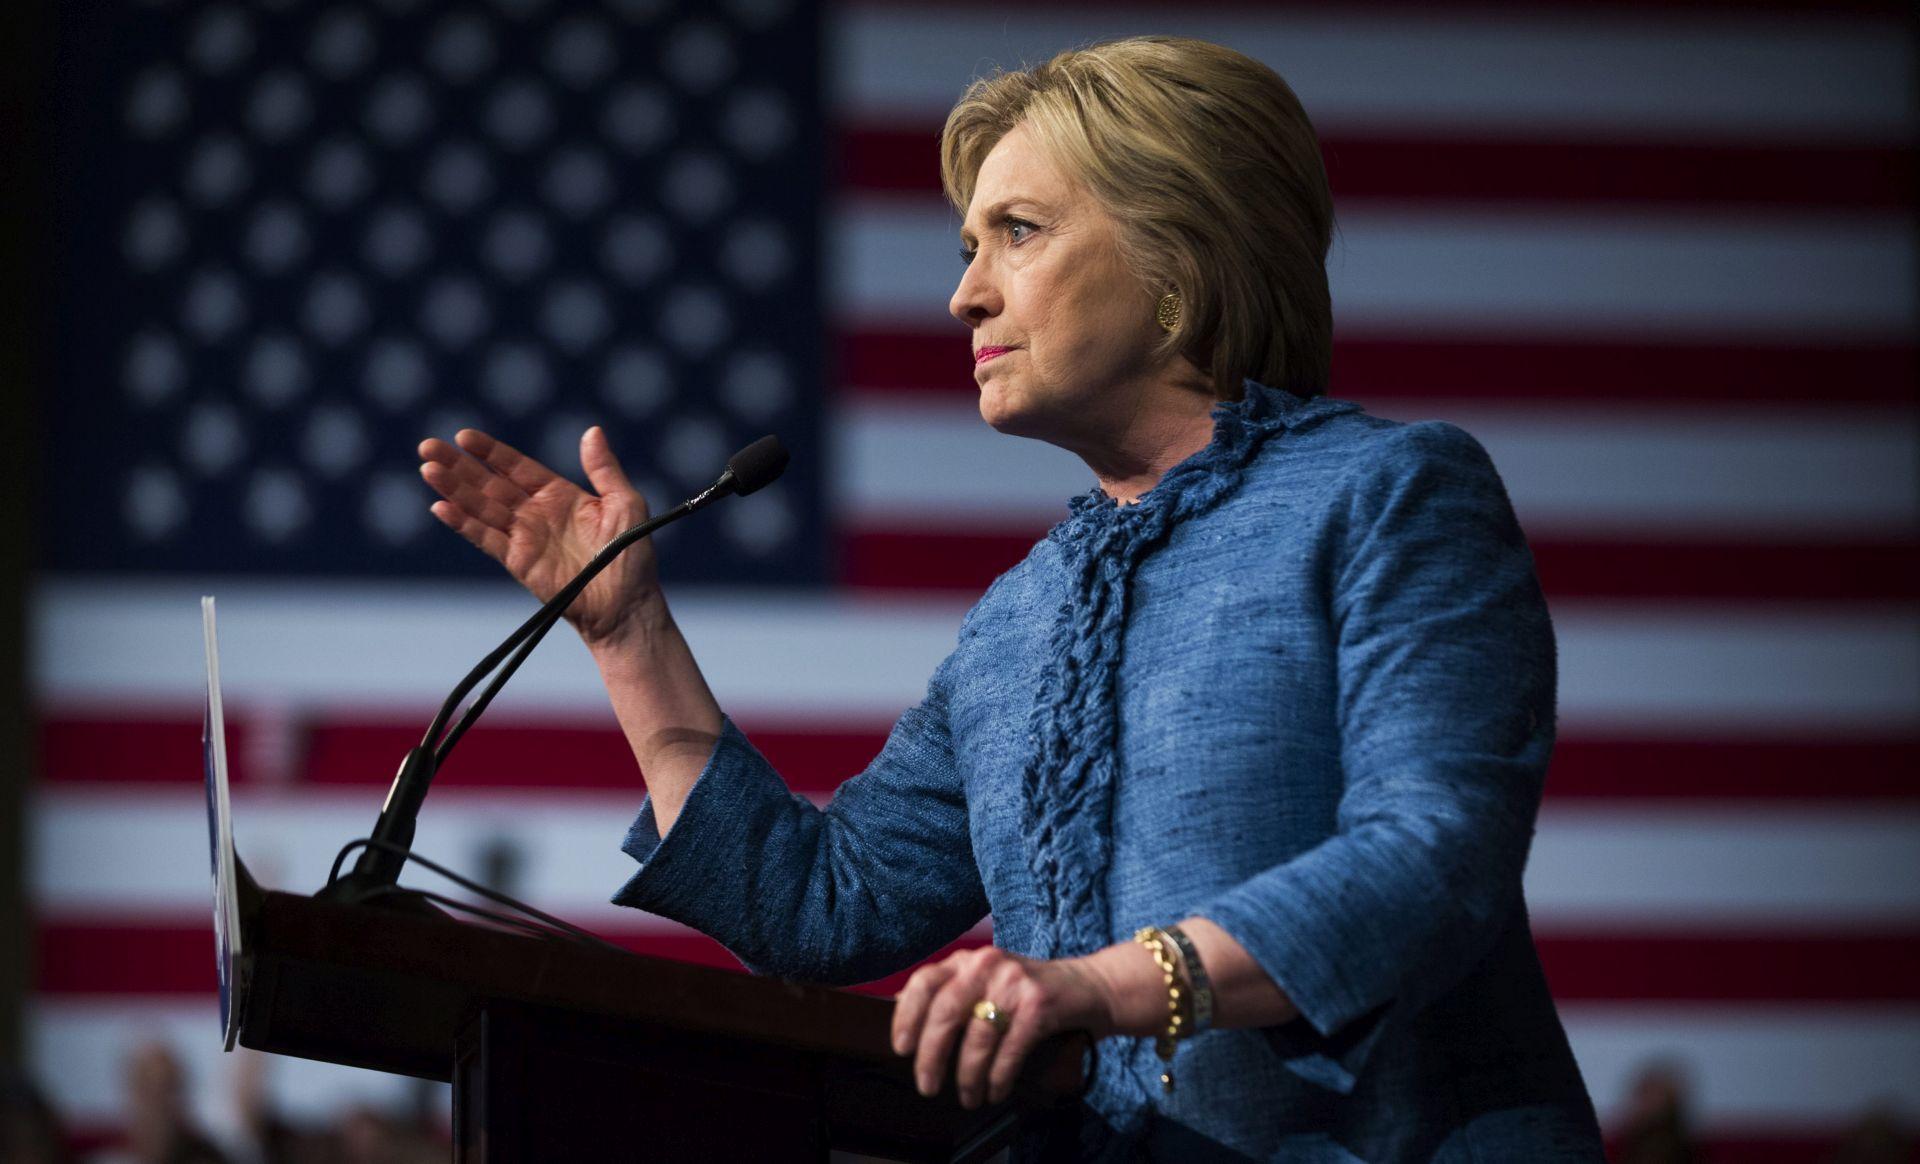 PREDSJEDNIČKI IZBORI: Pobjeda Hillary Clinton u Puerto Ricu